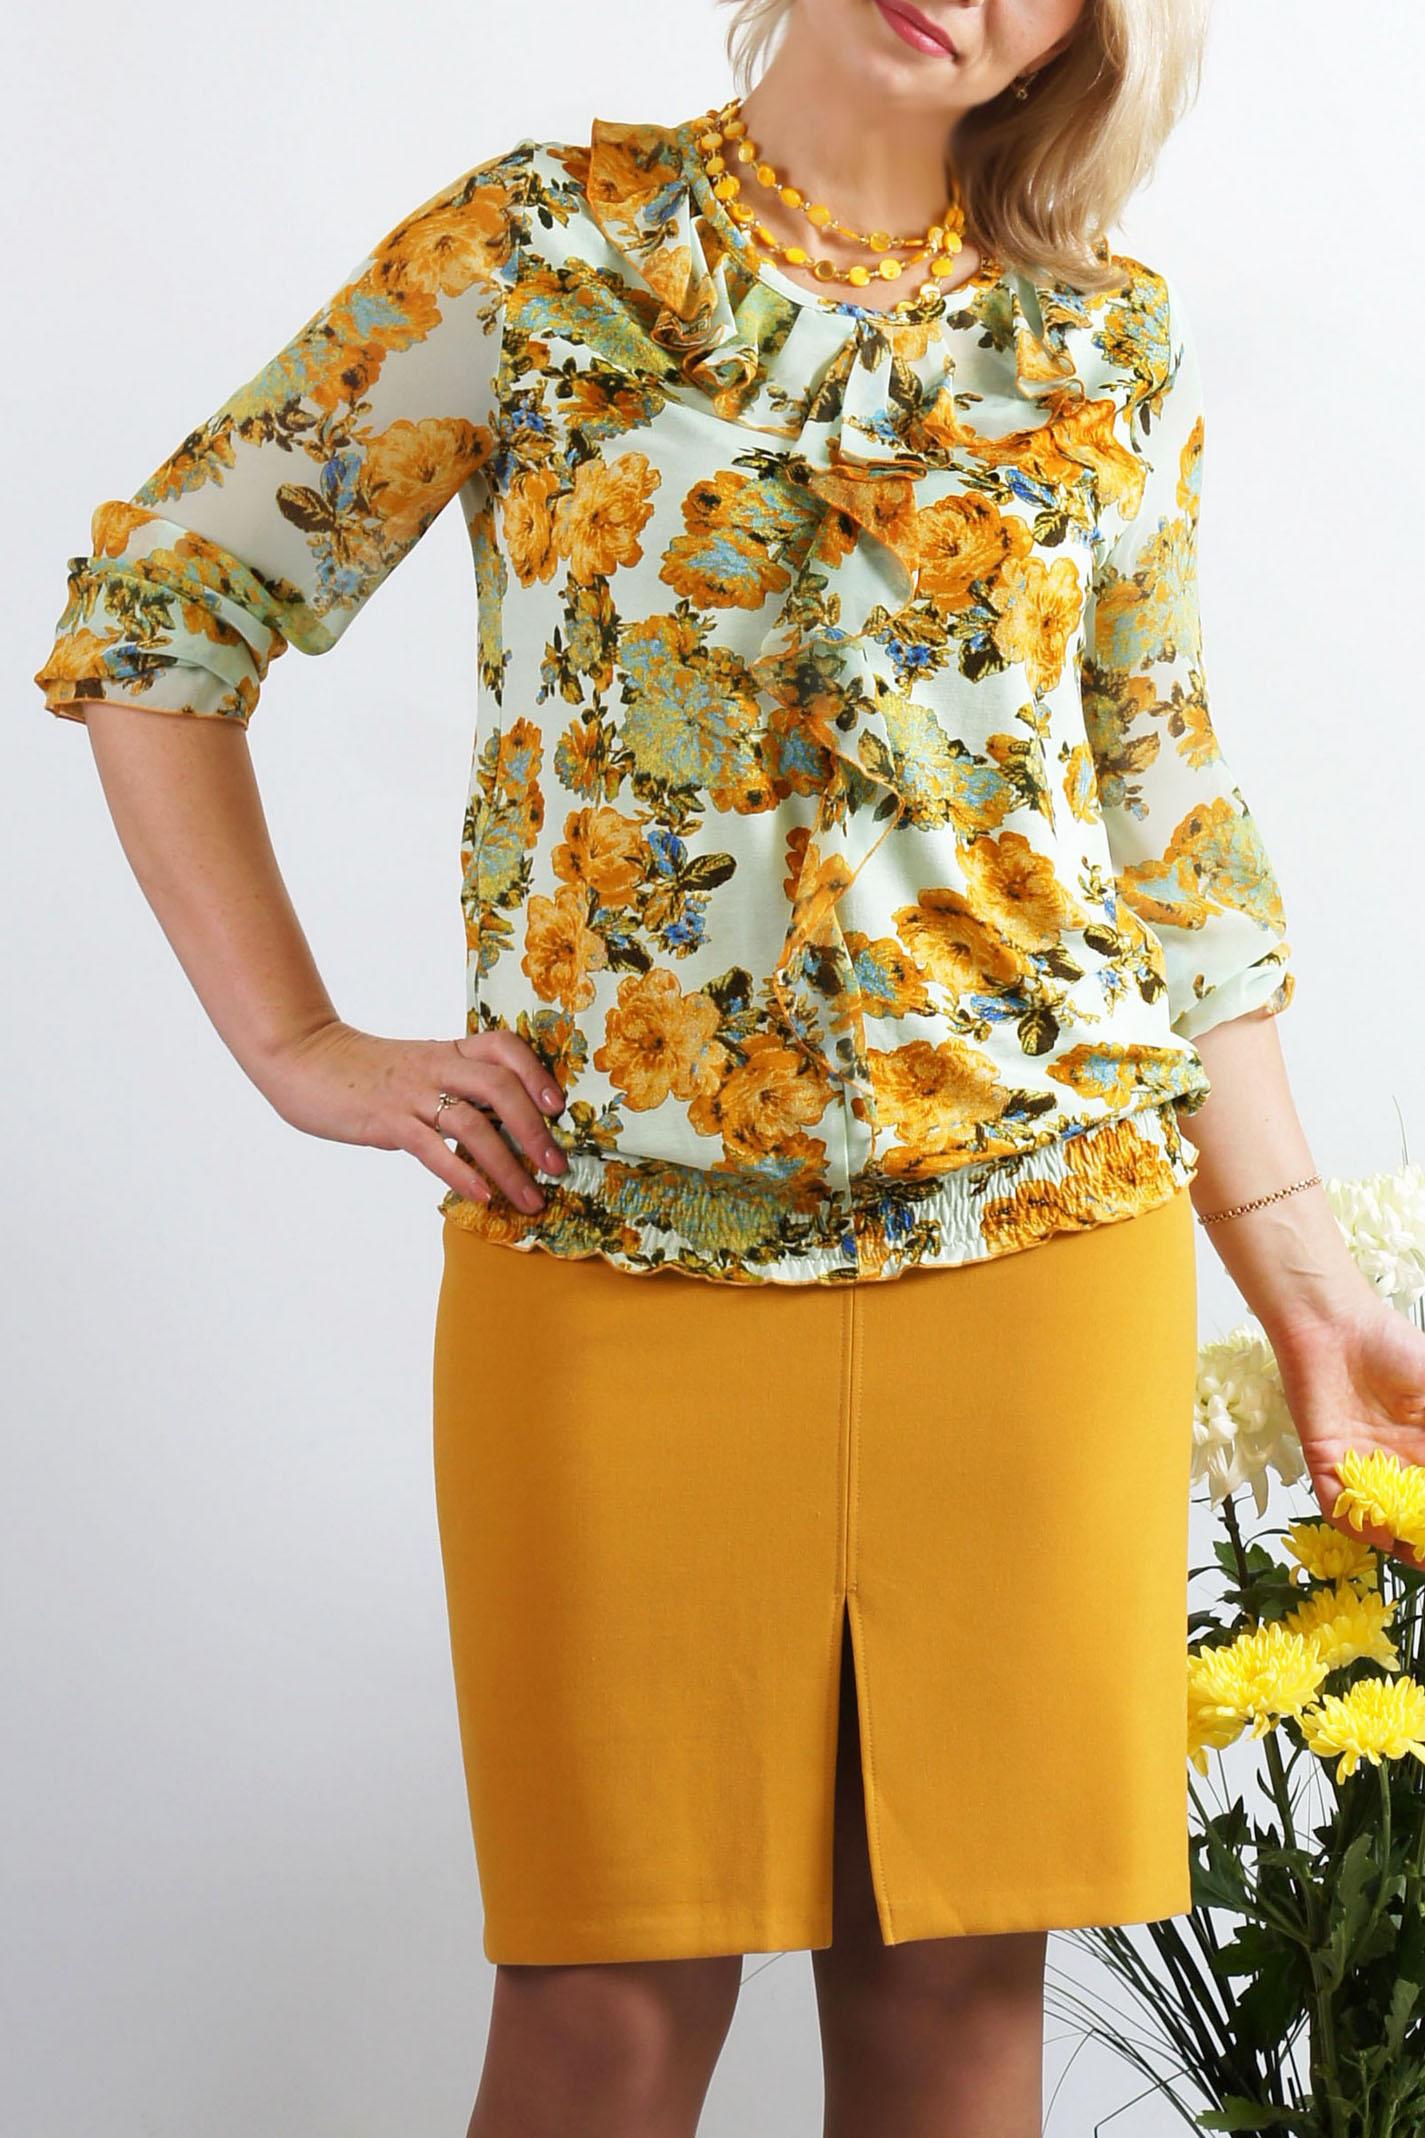 БлузкаБлузки<br>Нарядная блузка полуприталенного силуэта. Модель выполнена из приятного трикотажа и шифона. Отличный выбор для повседневного гардероба.  Длина изделия около 69 см.  В изделии использованы цвета: желтый, белый и др.  Параметры размеров: 42 размер - обхват груди 84 см., обхват талии 64 см., обхват бедер 92 см. 44 размер - обхват груди 88 см., обхват талии 68 см., обхват бедер 96 см. 46 размер - обхват груди 92 см., обхват талии 72 см., обхват бедер 100 см. 48 размер - обхват груди 96 см., обхват талии 76 см., обхват бедер 104 см. 50 размер - обхват груди 100 см., обхват талии 80 см., обхват бедер 108 см. 52 размер - обхват груди 104 см., обхват талии 85 см., обхват бедер 112 см. 54 размер - обхват груди 108 см., обхват талии 89 см., обхват бедер 116 см. 56 размер - обхват груди 112 см., обхват талии 94 см., обхват бедер 120 см. 58 размер - обхват груди 116 см., обхват талии 100 см., обхват бедер 124 см.  Ростовка изделия 167-173 см.<br><br>Горловина: С- горловина<br>По материалу: Вискоза,Трикотаж,Шифон<br>По рисунку: Растительные мотивы,С принтом,Цветные,Цветочные<br>По сезону: Весна,Зима,Лето,Осень,Всесезон<br>По силуэту: Полуприталенные<br>По стилю: Повседневный стиль<br>По элементам: С воланами и рюшами<br>Рукав: Длинный рукав<br>Размер : 48<br>Материал: Вискоза + Шифон<br>Количество в наличии: 1